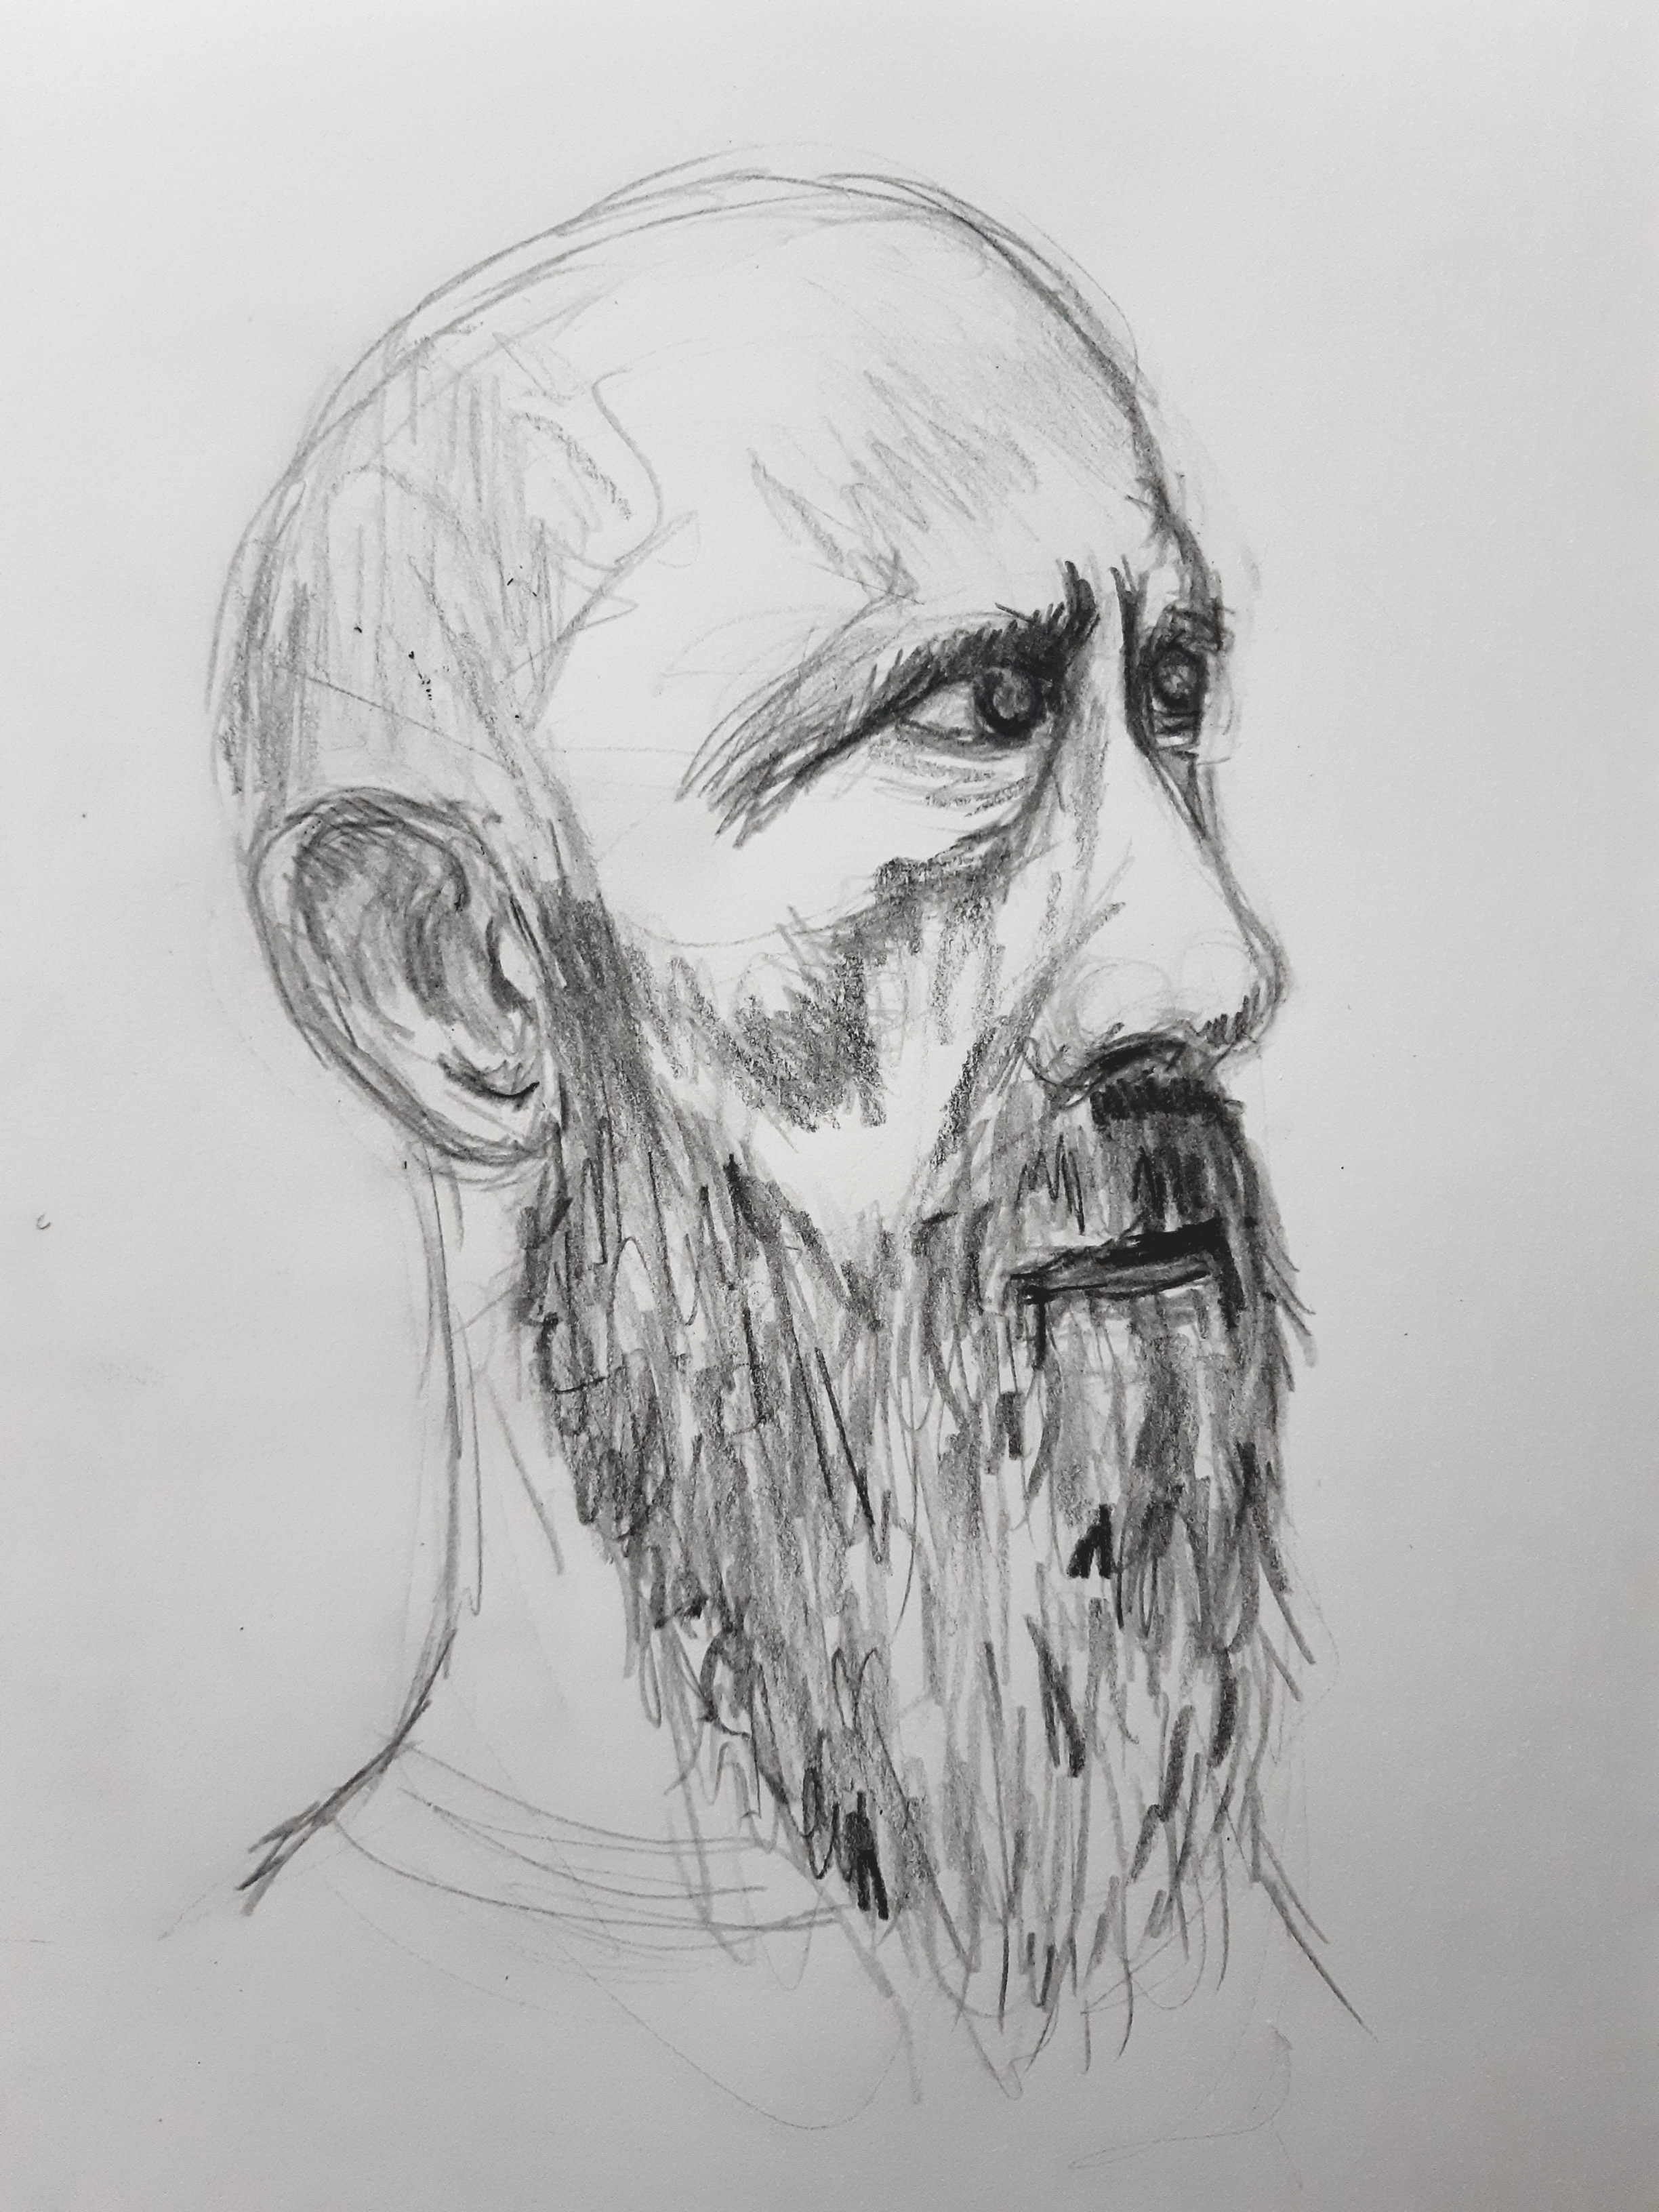 Portrait homme 3/4 face graphite sur papier esquisse  cours de dessin